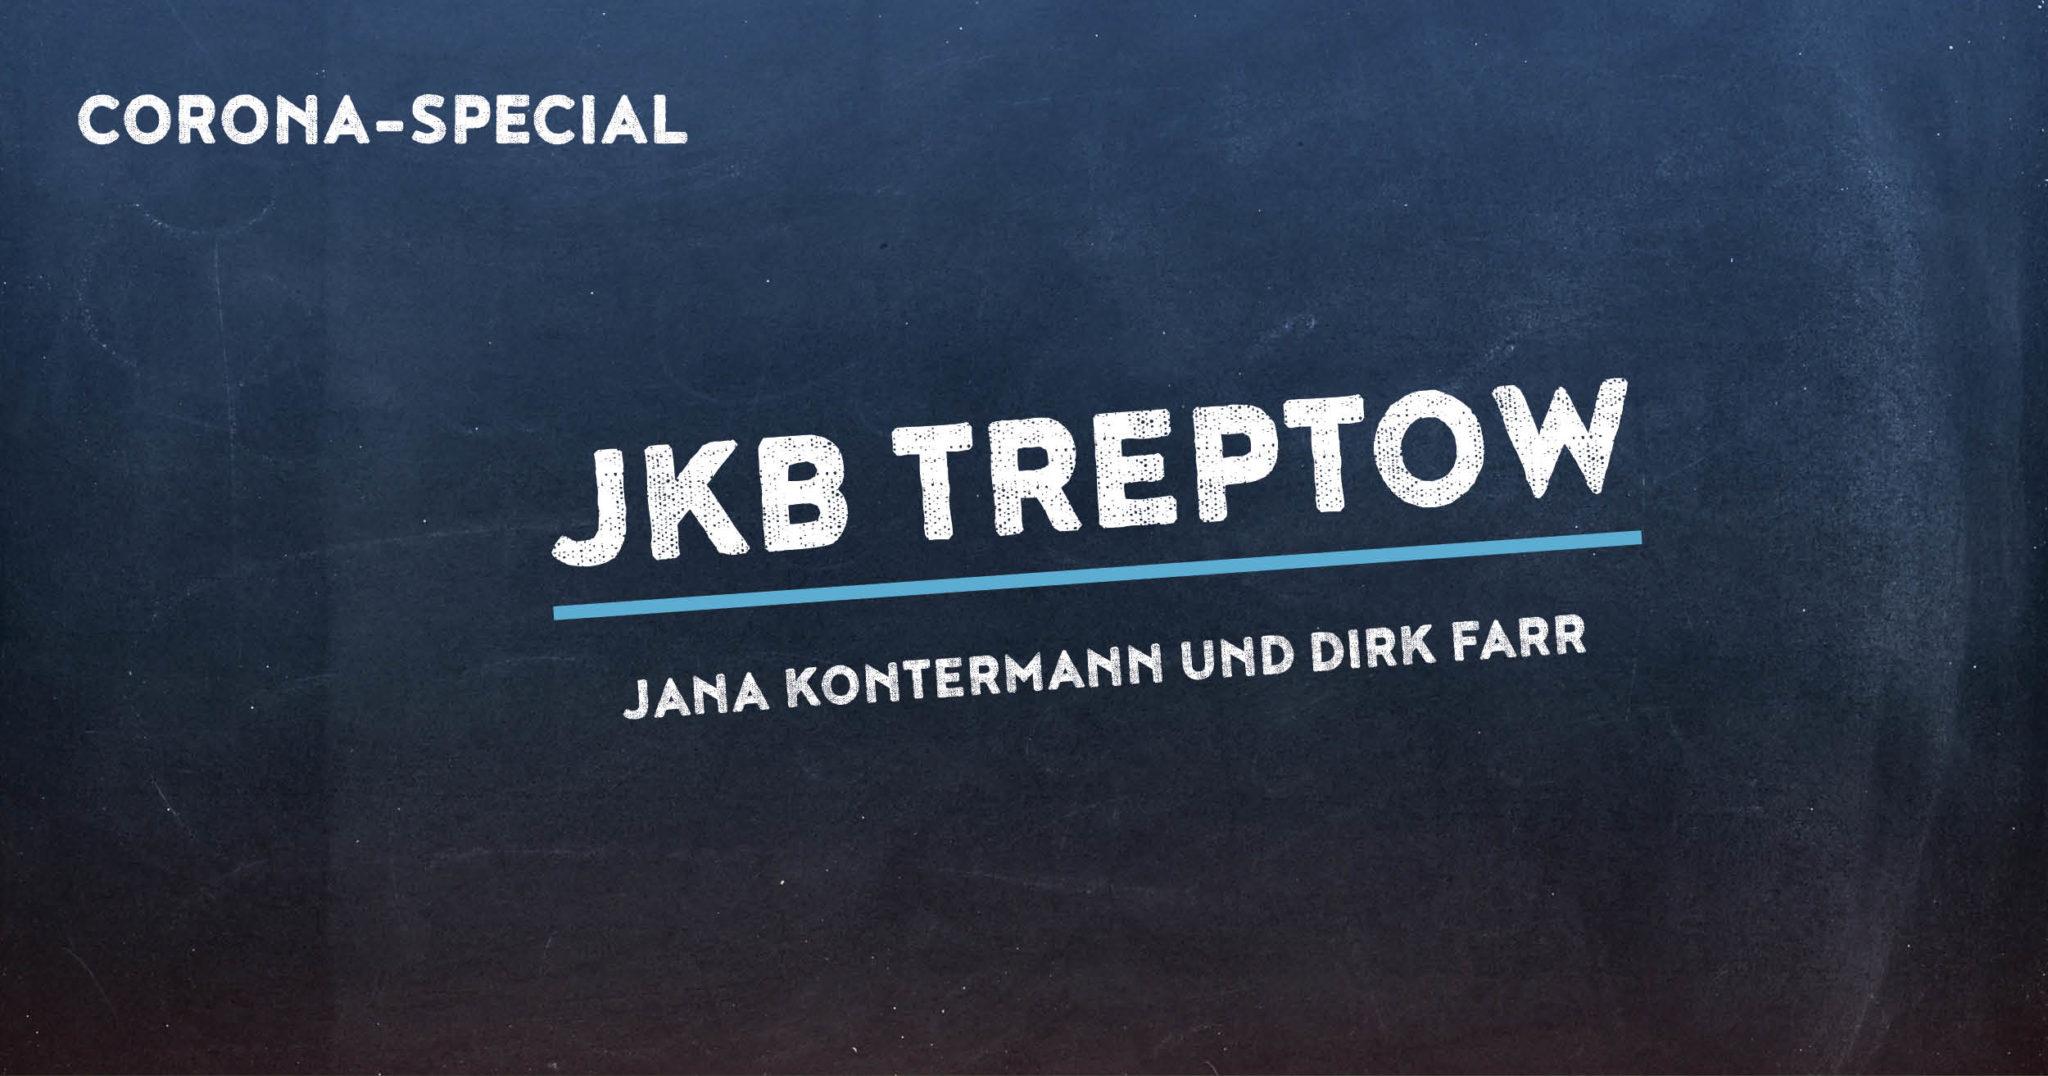 Corona Special 11: JKB Treptow